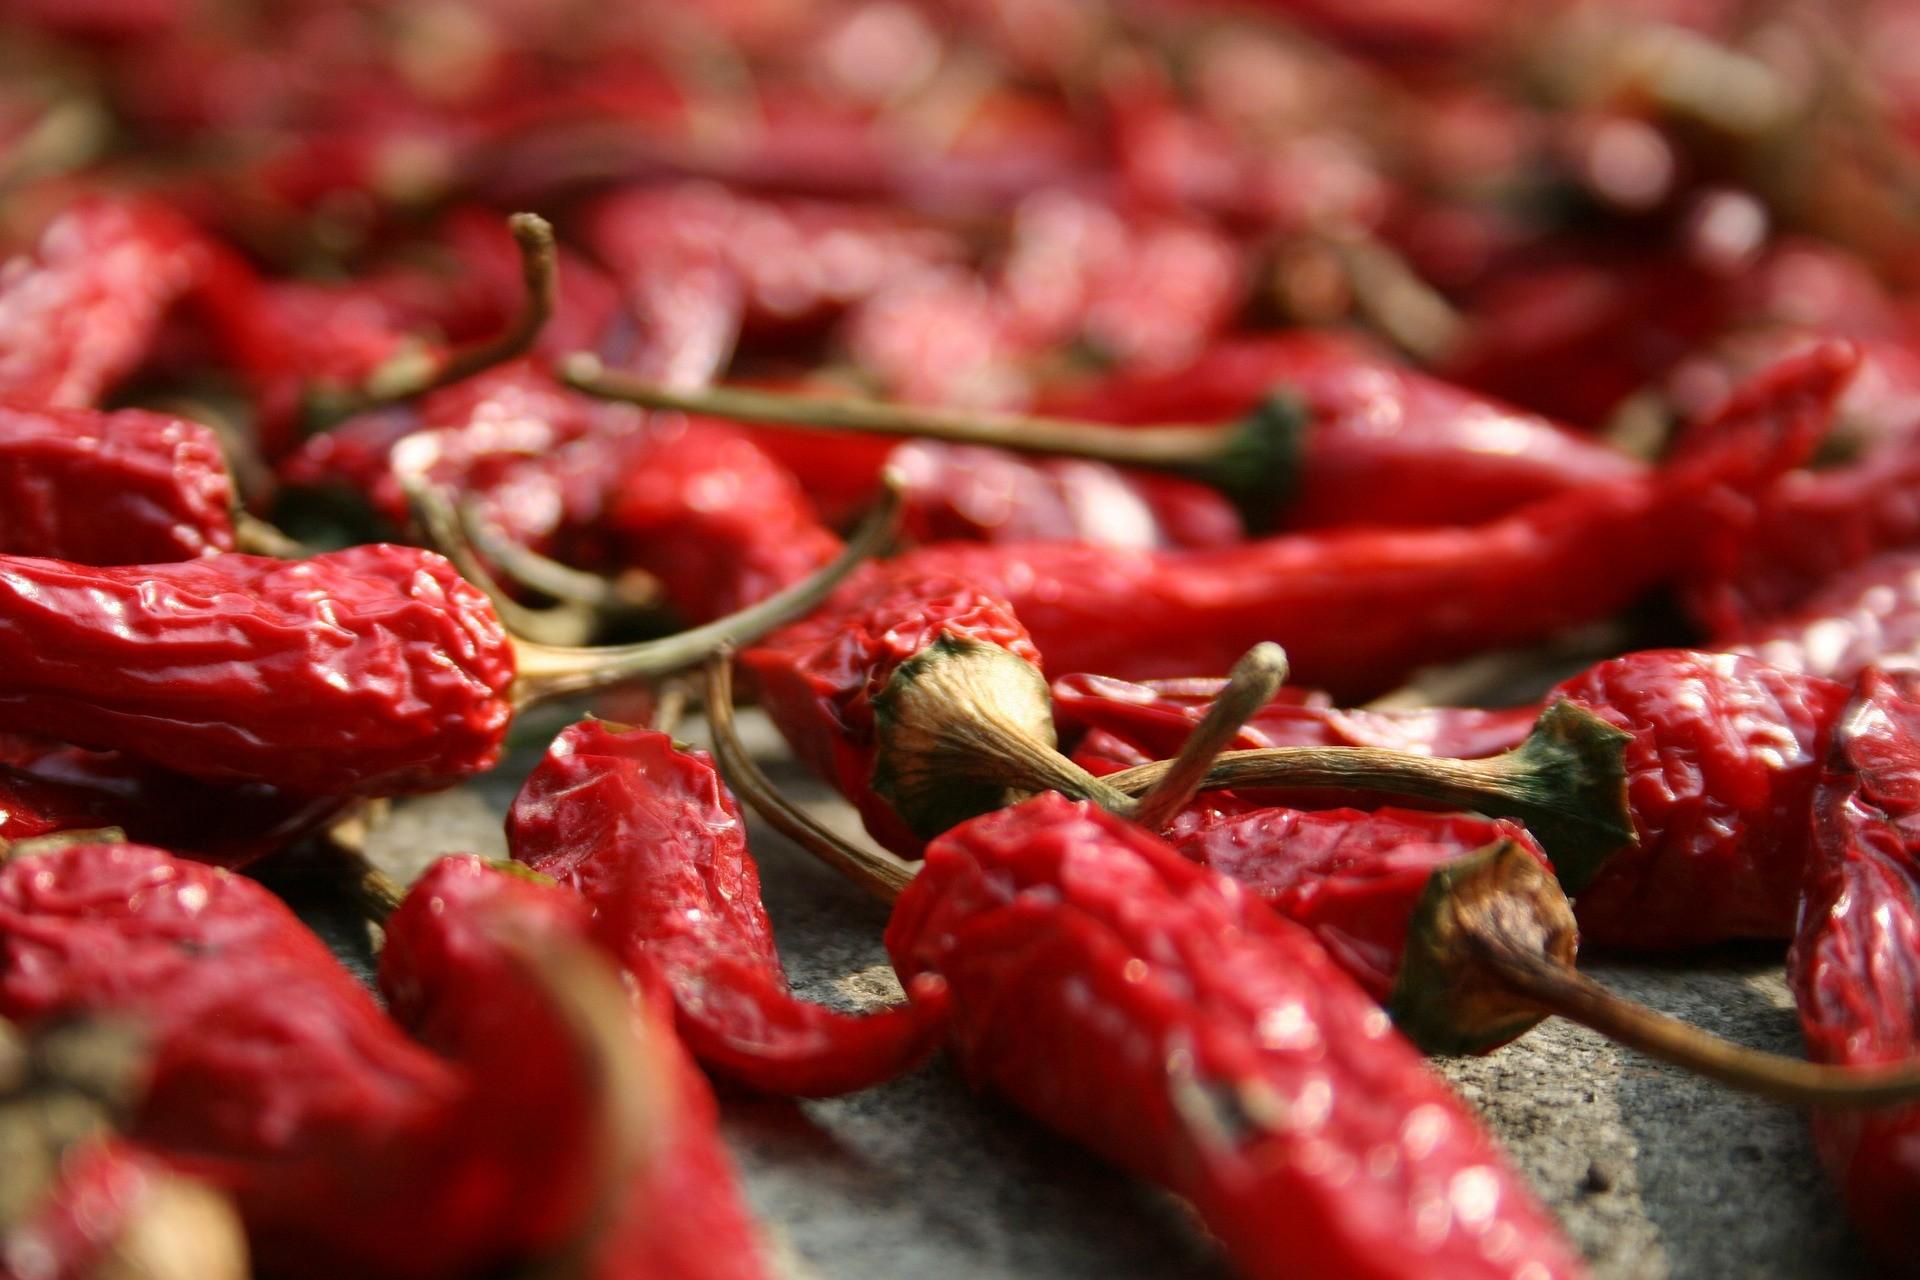 ▲▼辣椒,醬料,重口味,重鹹,用餐,雞翅,加辣。(圖/翻攝自pixabay)